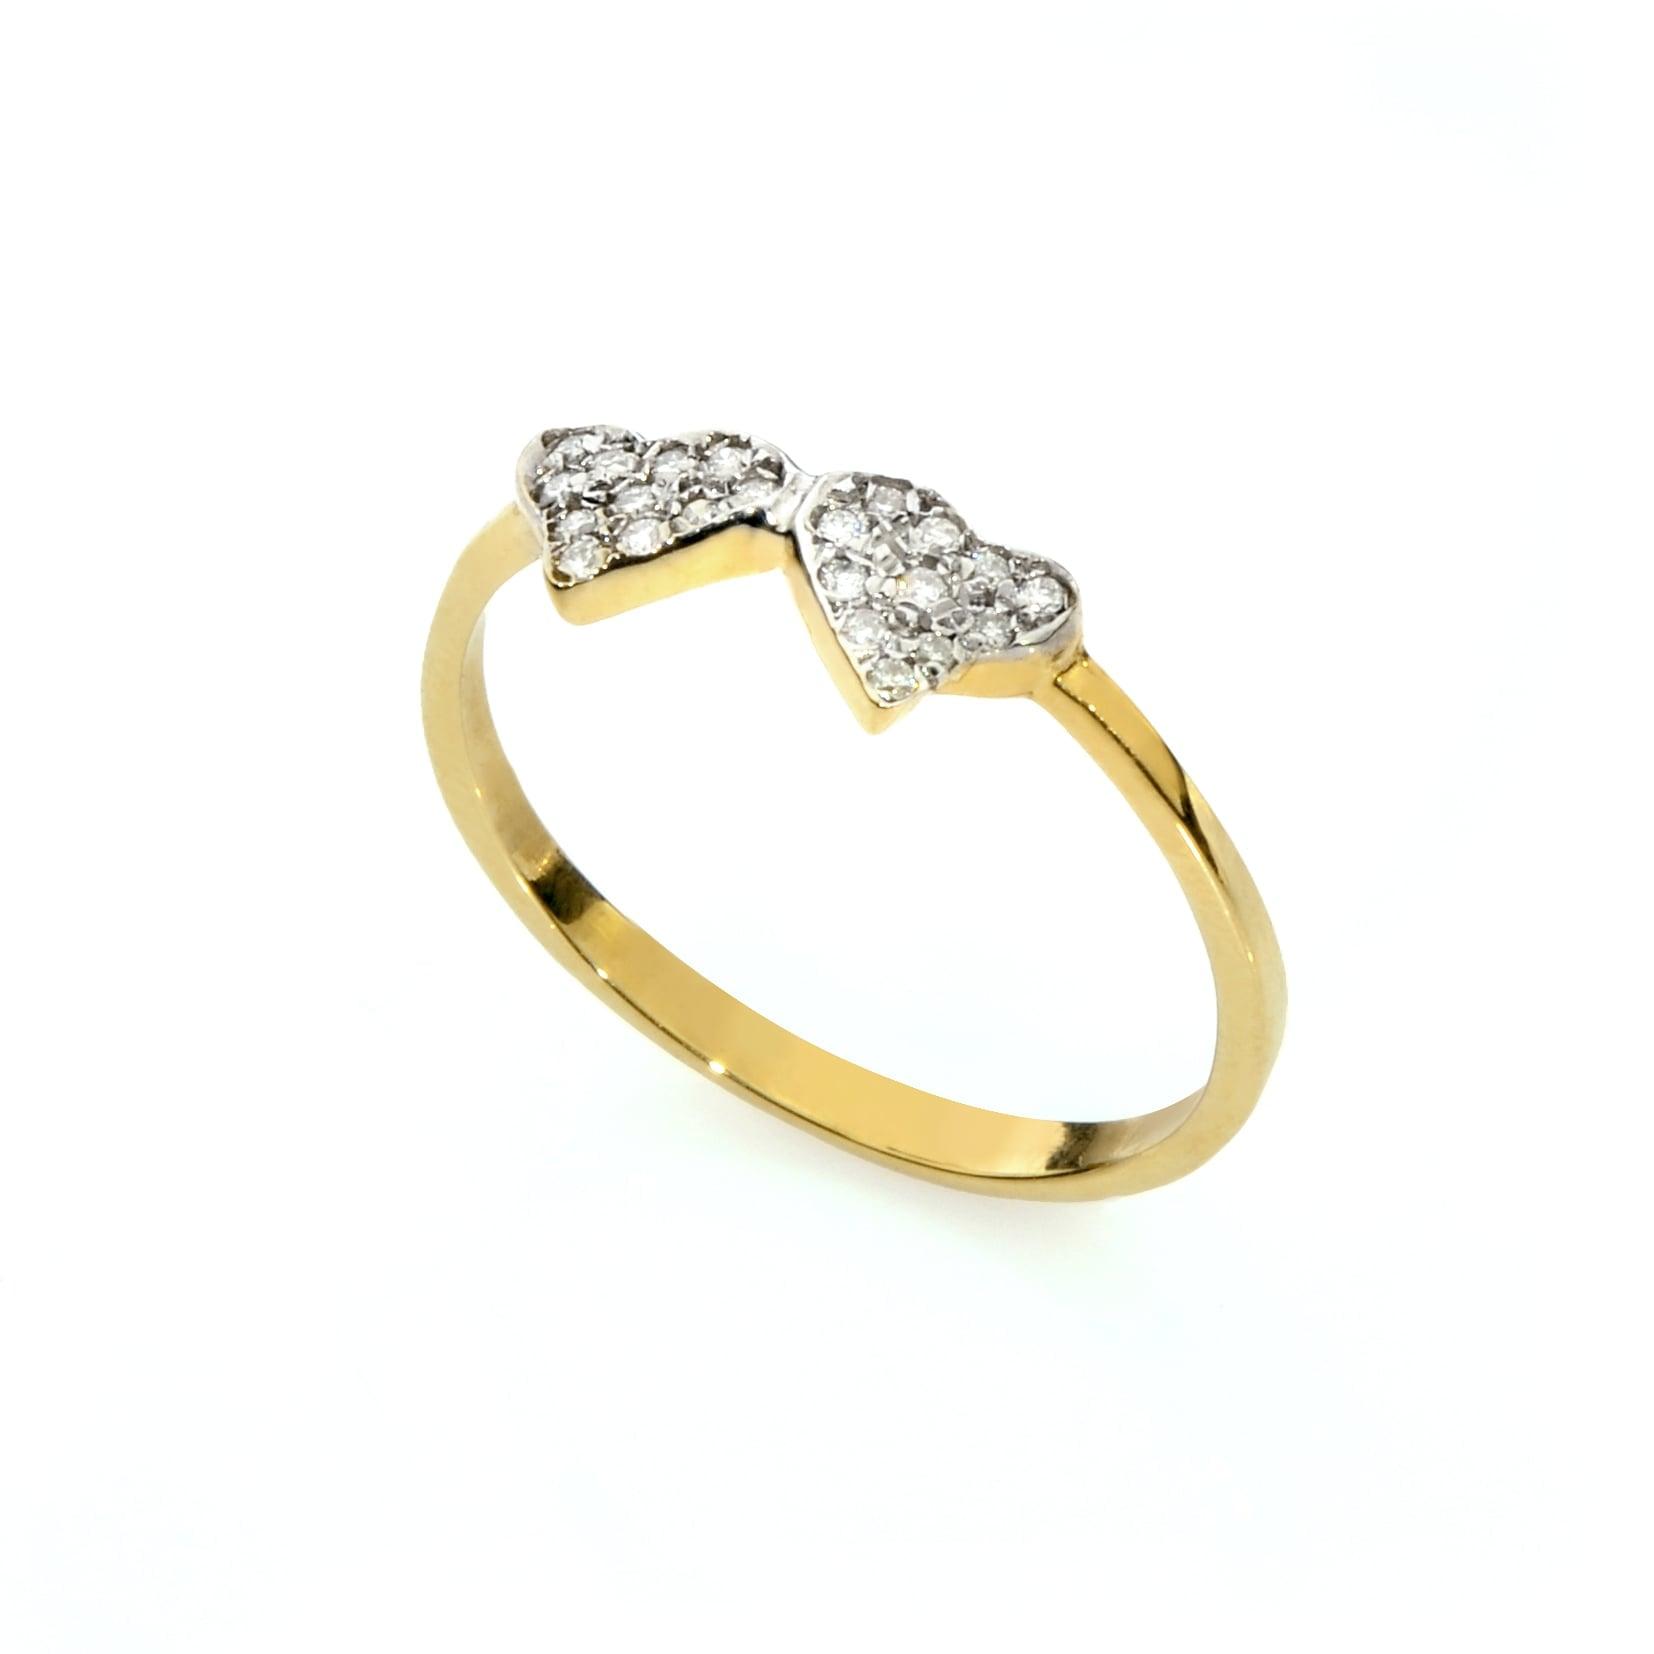 טבעת זהב 14 קרט שני לבבות  משובץ יהלומים 0.12 קראט